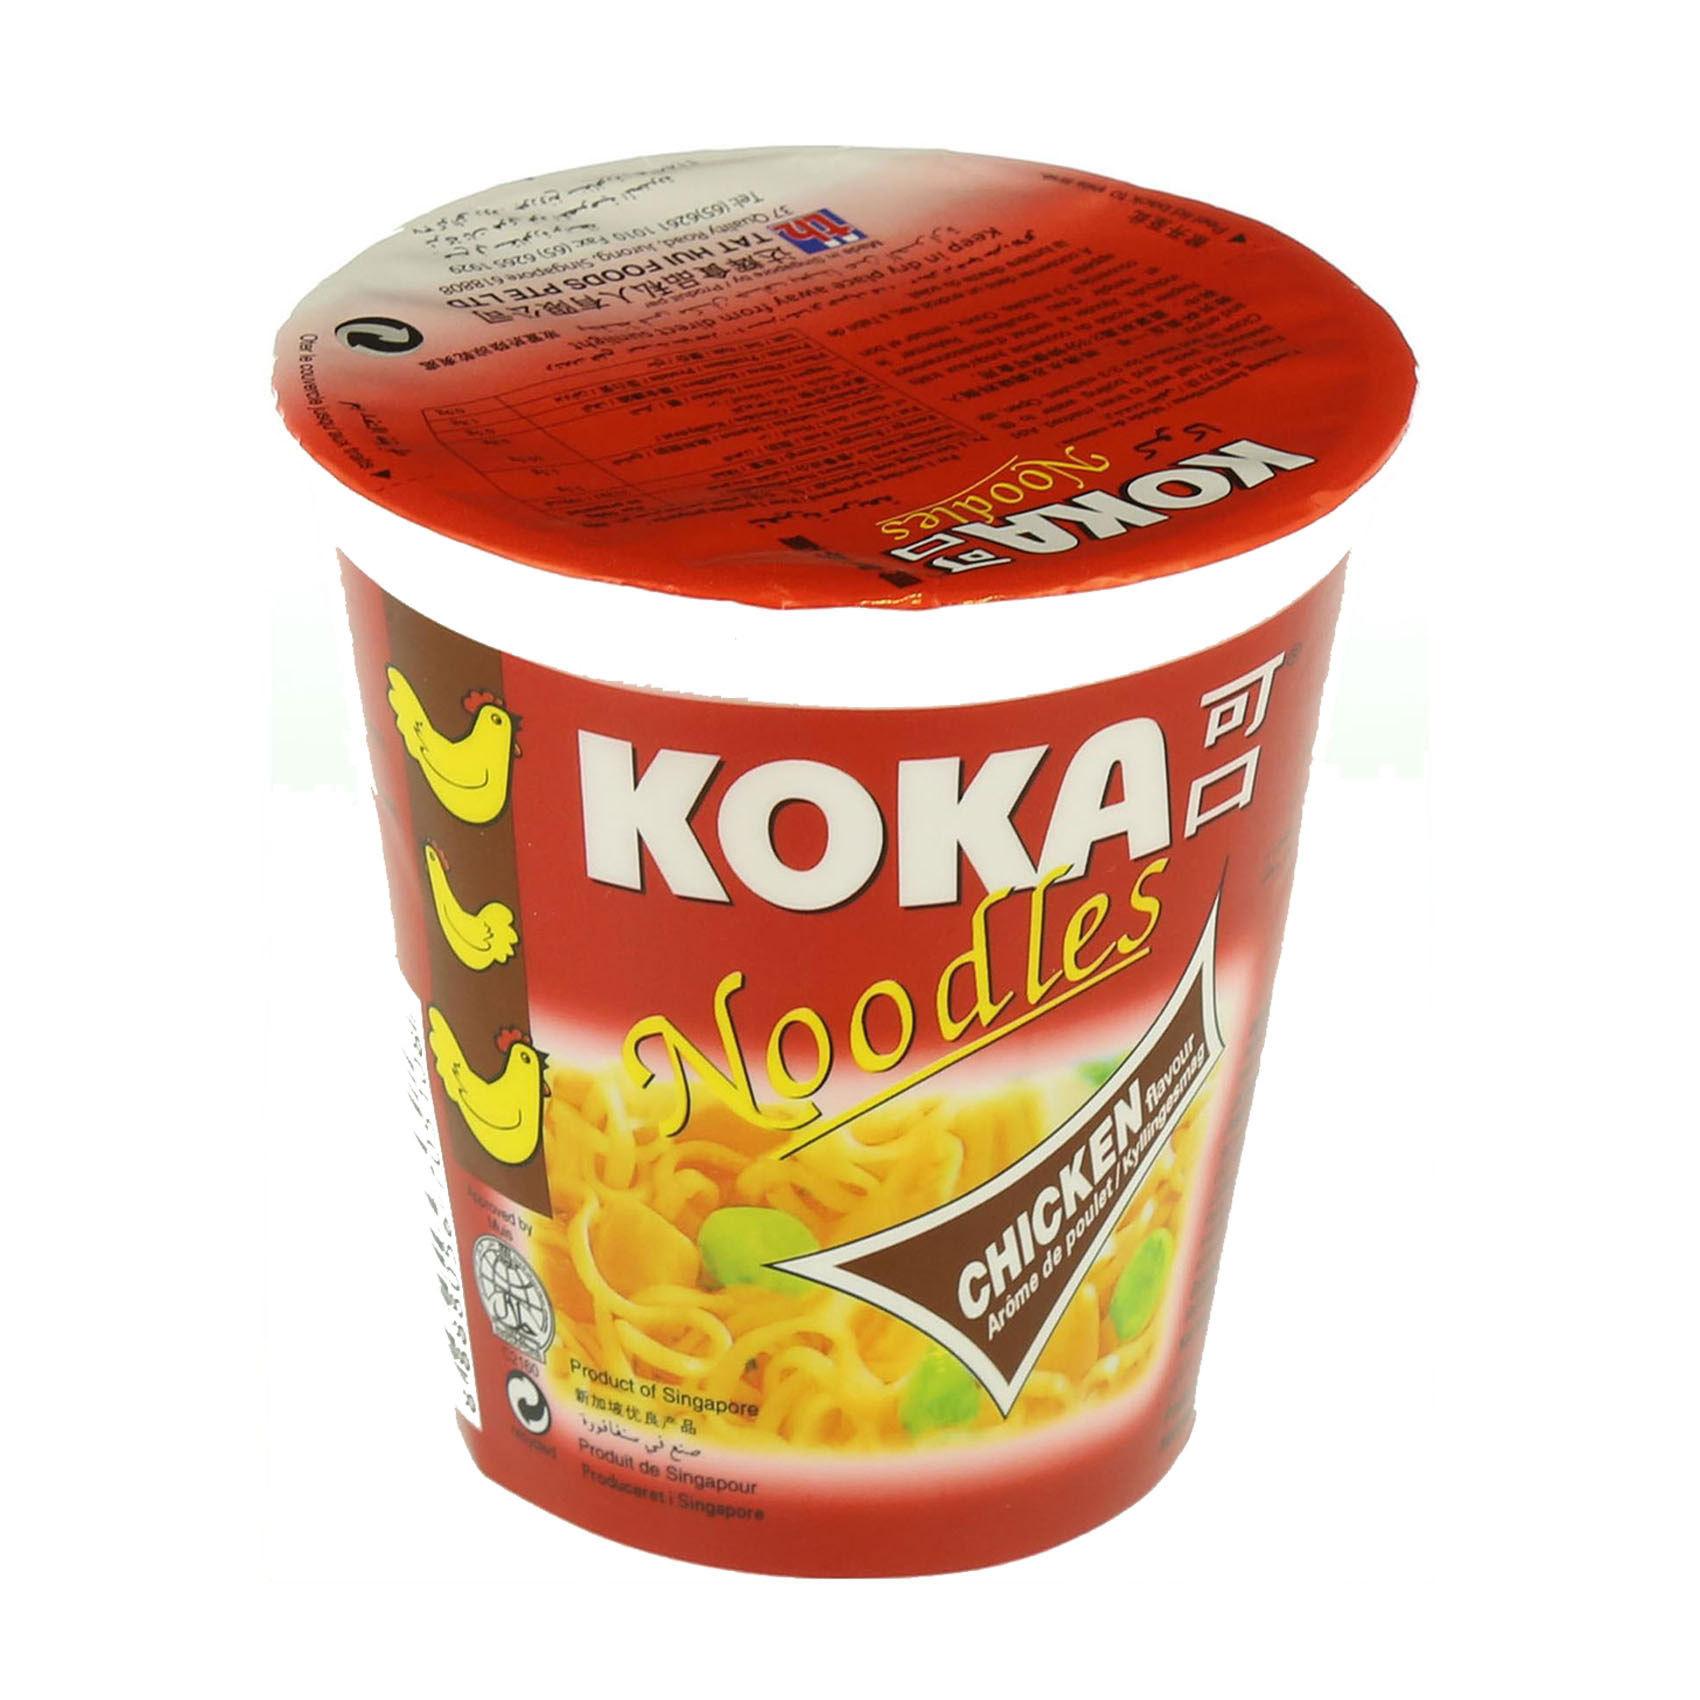 KOKA CUP NOODLE CHICKEN 70GR